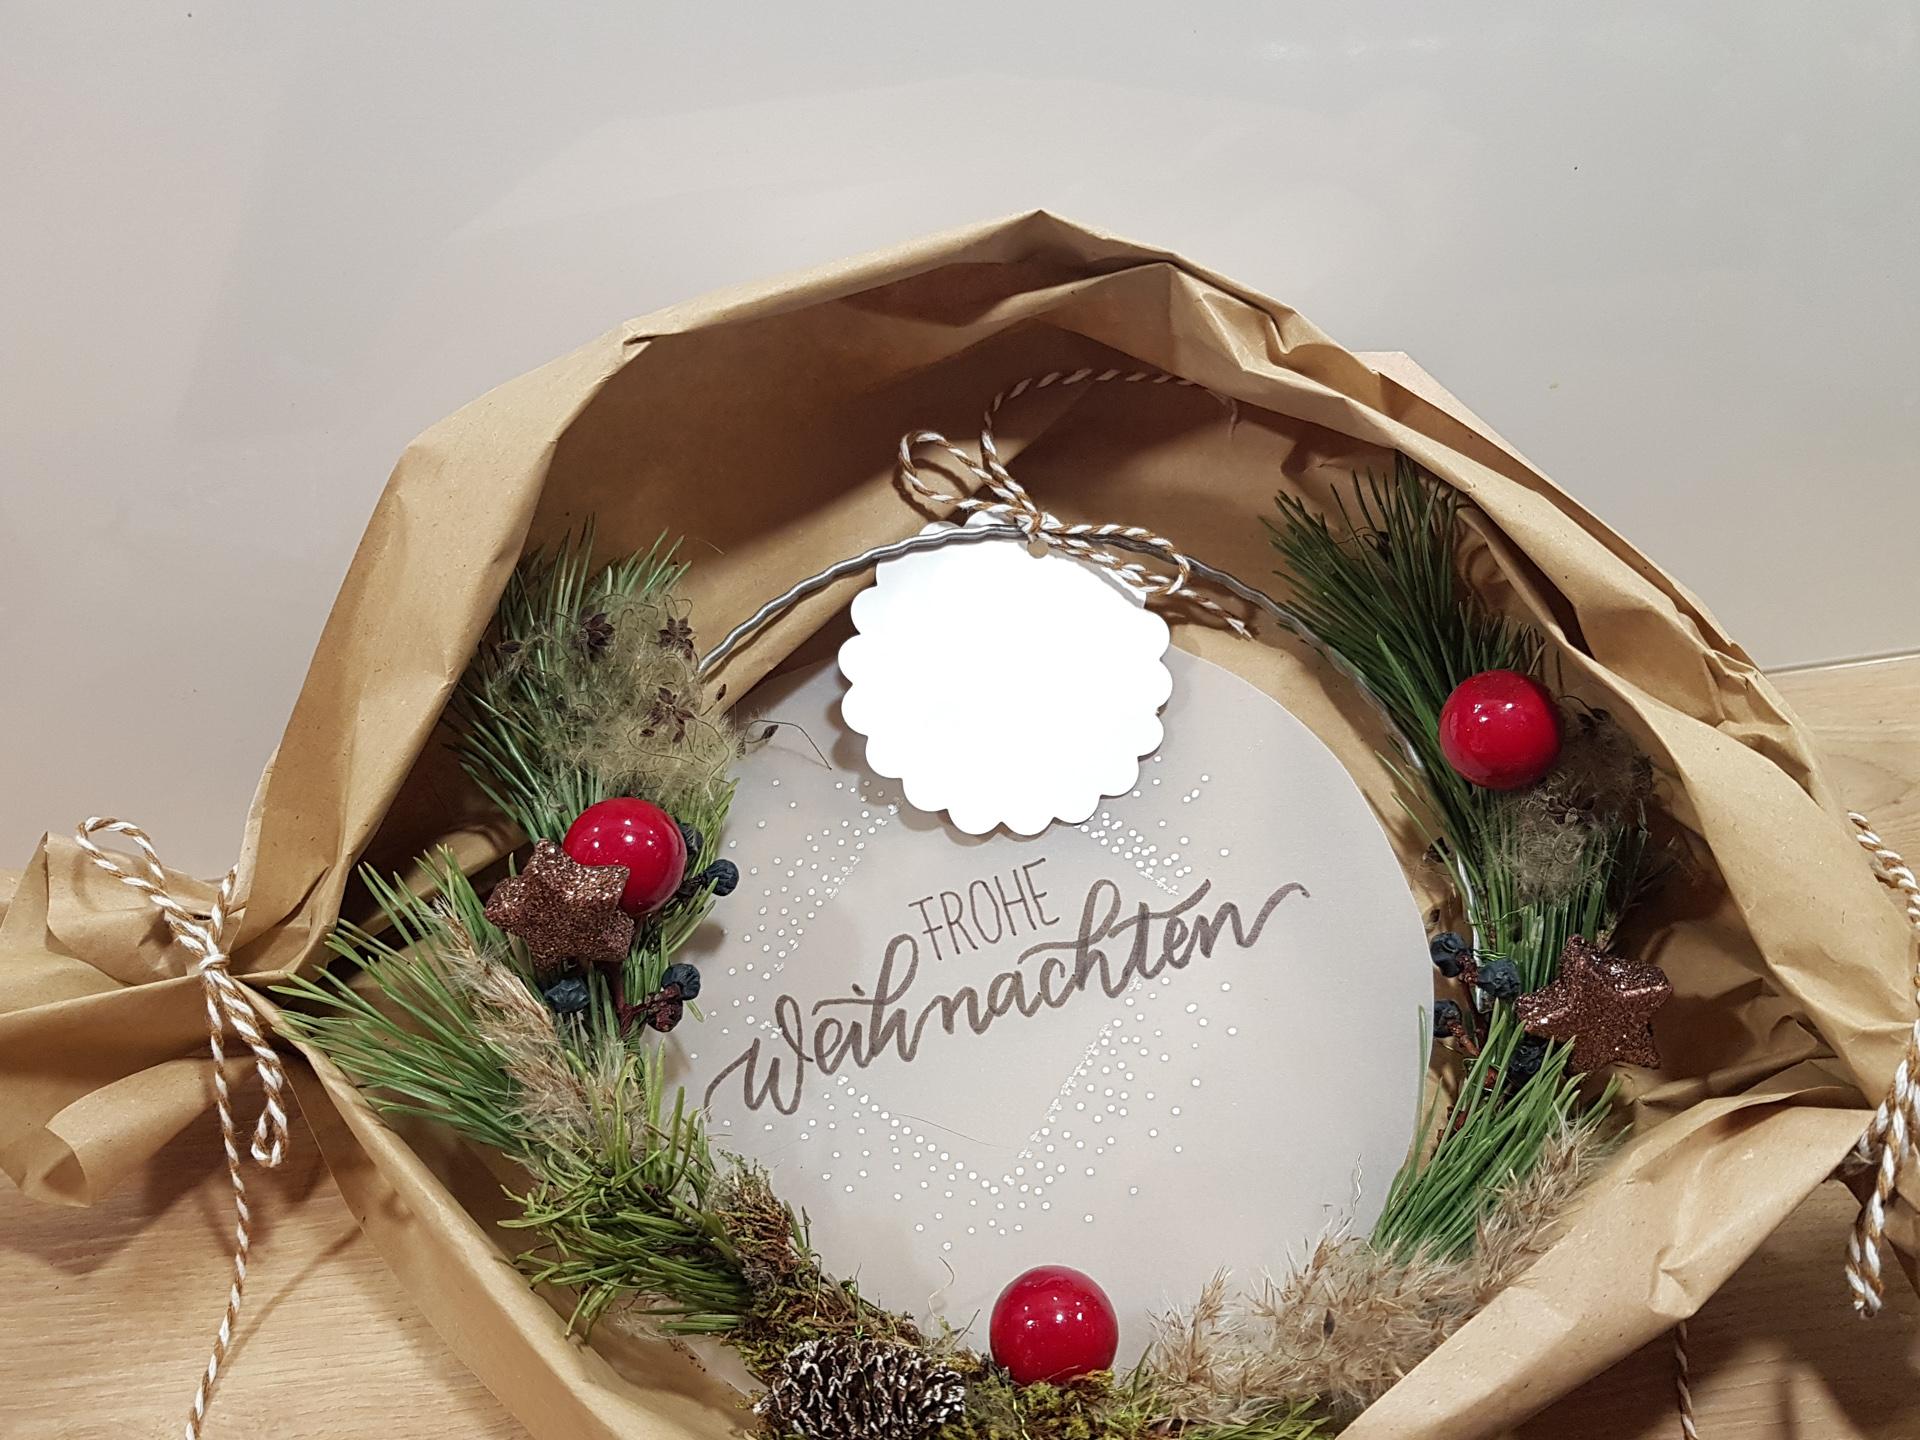 """Kleiner selbstgebundener Weihnachtskranz mit lila Christbaumkugeln. Im Hintergrund steht auf Transparentpapier """"Frohe Weihnachten""""."""